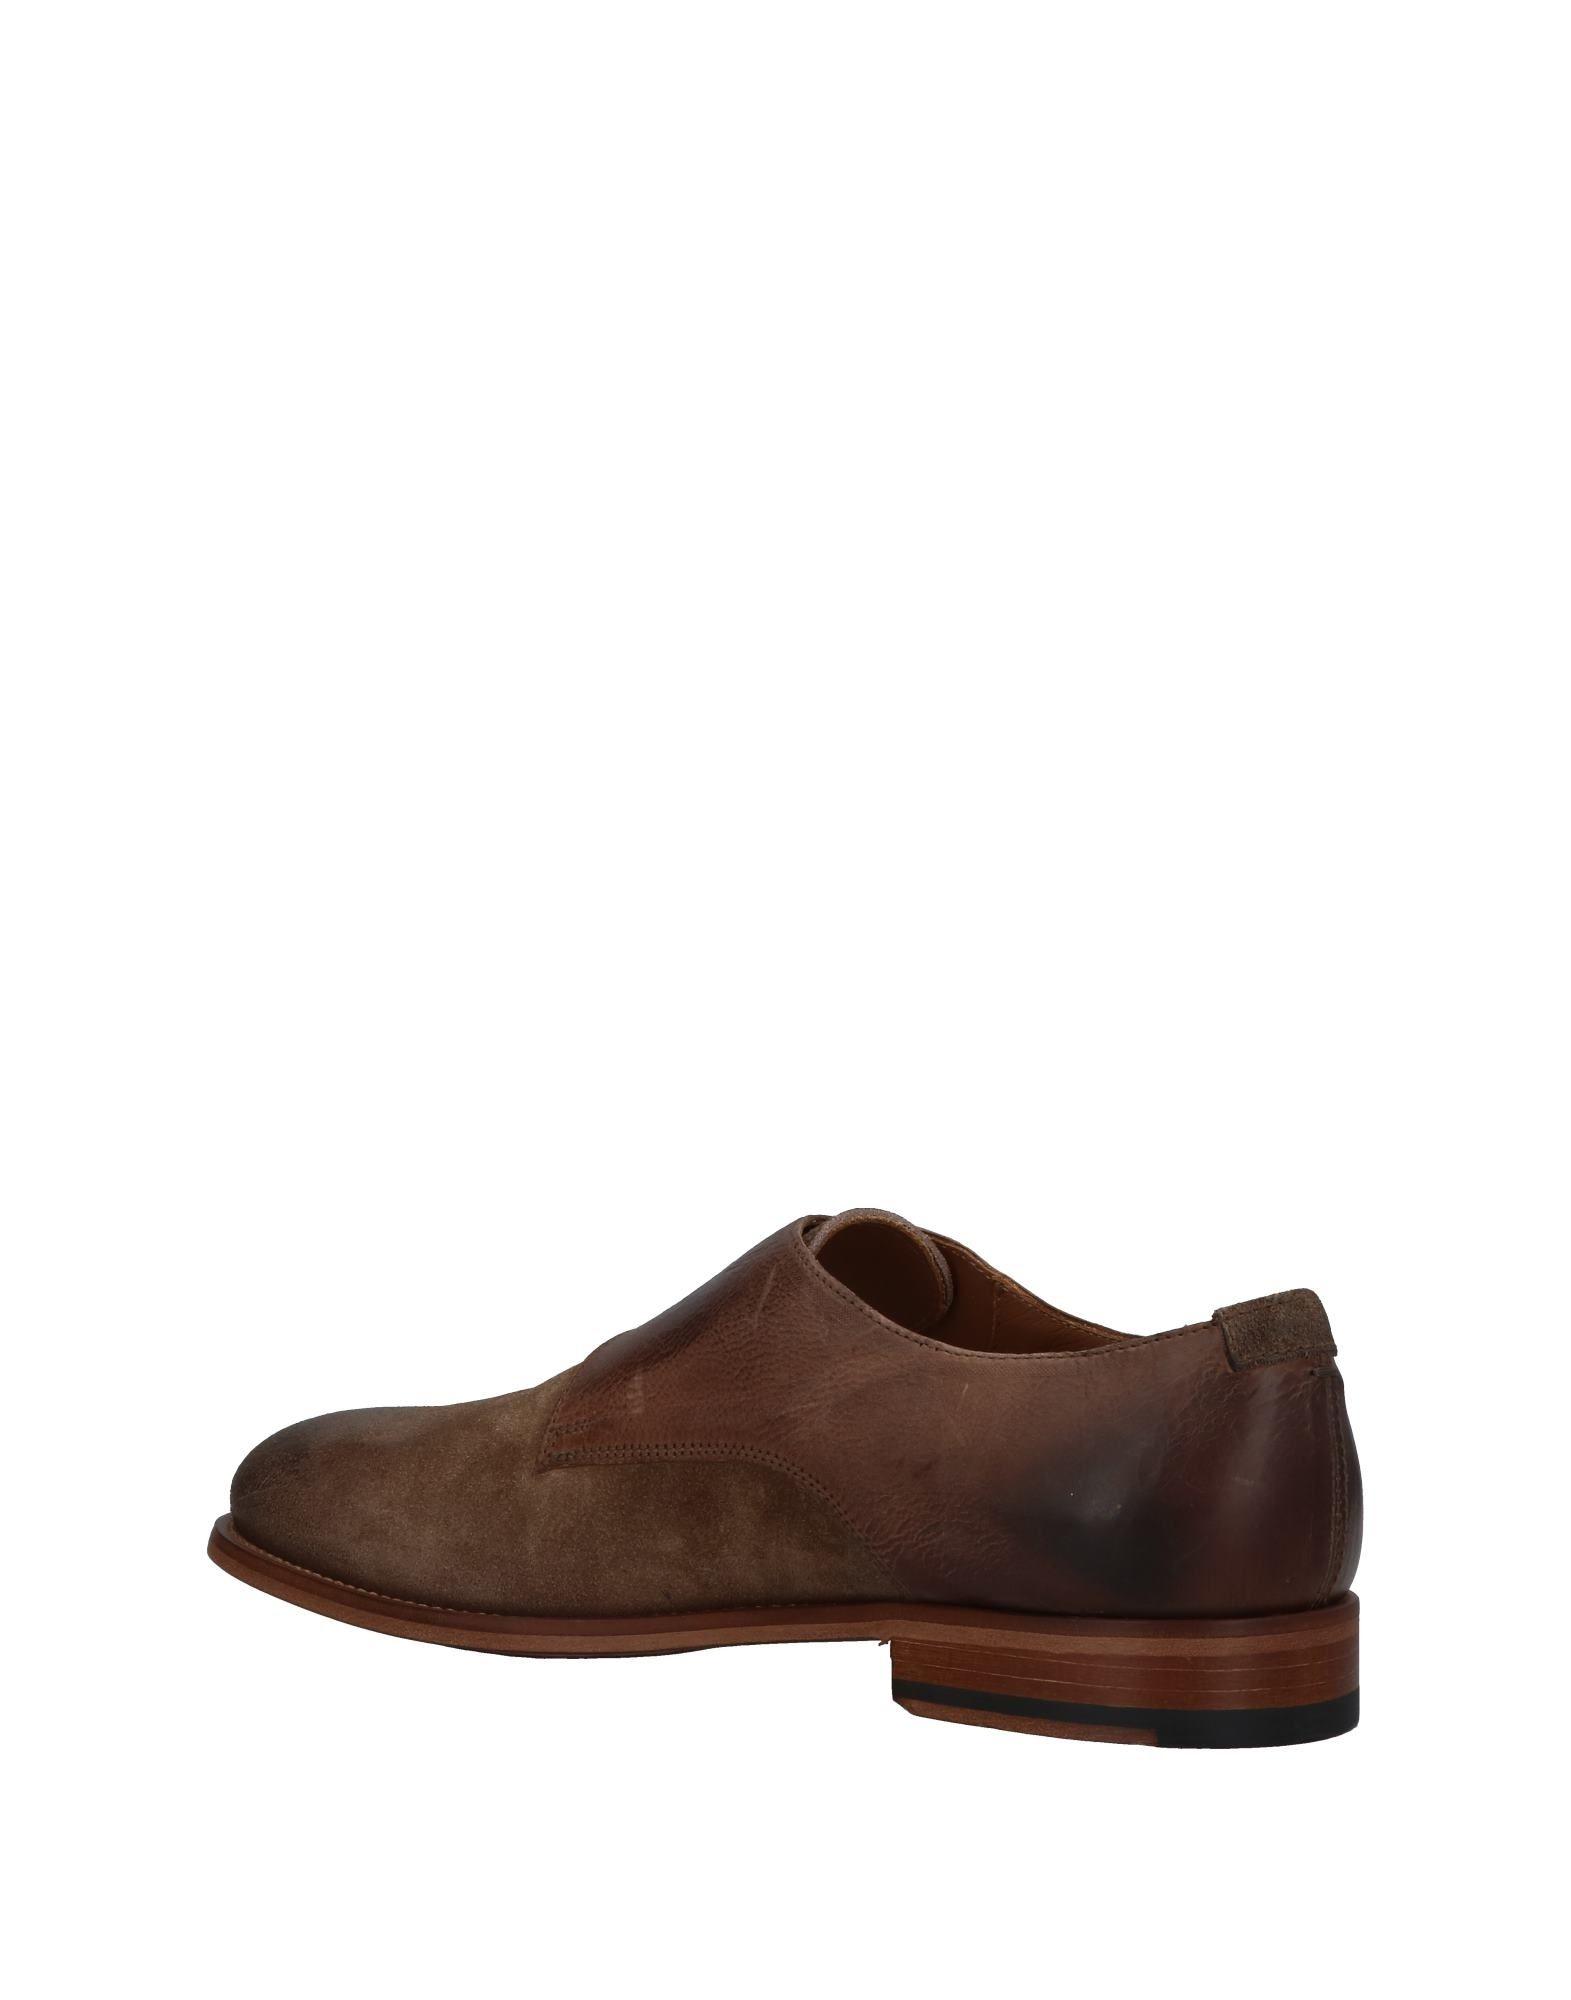 Doucal's Mokassins Herren  11390021NB Schuhe Gute Qualität beliebte Schuhe 11390021NB 2de319